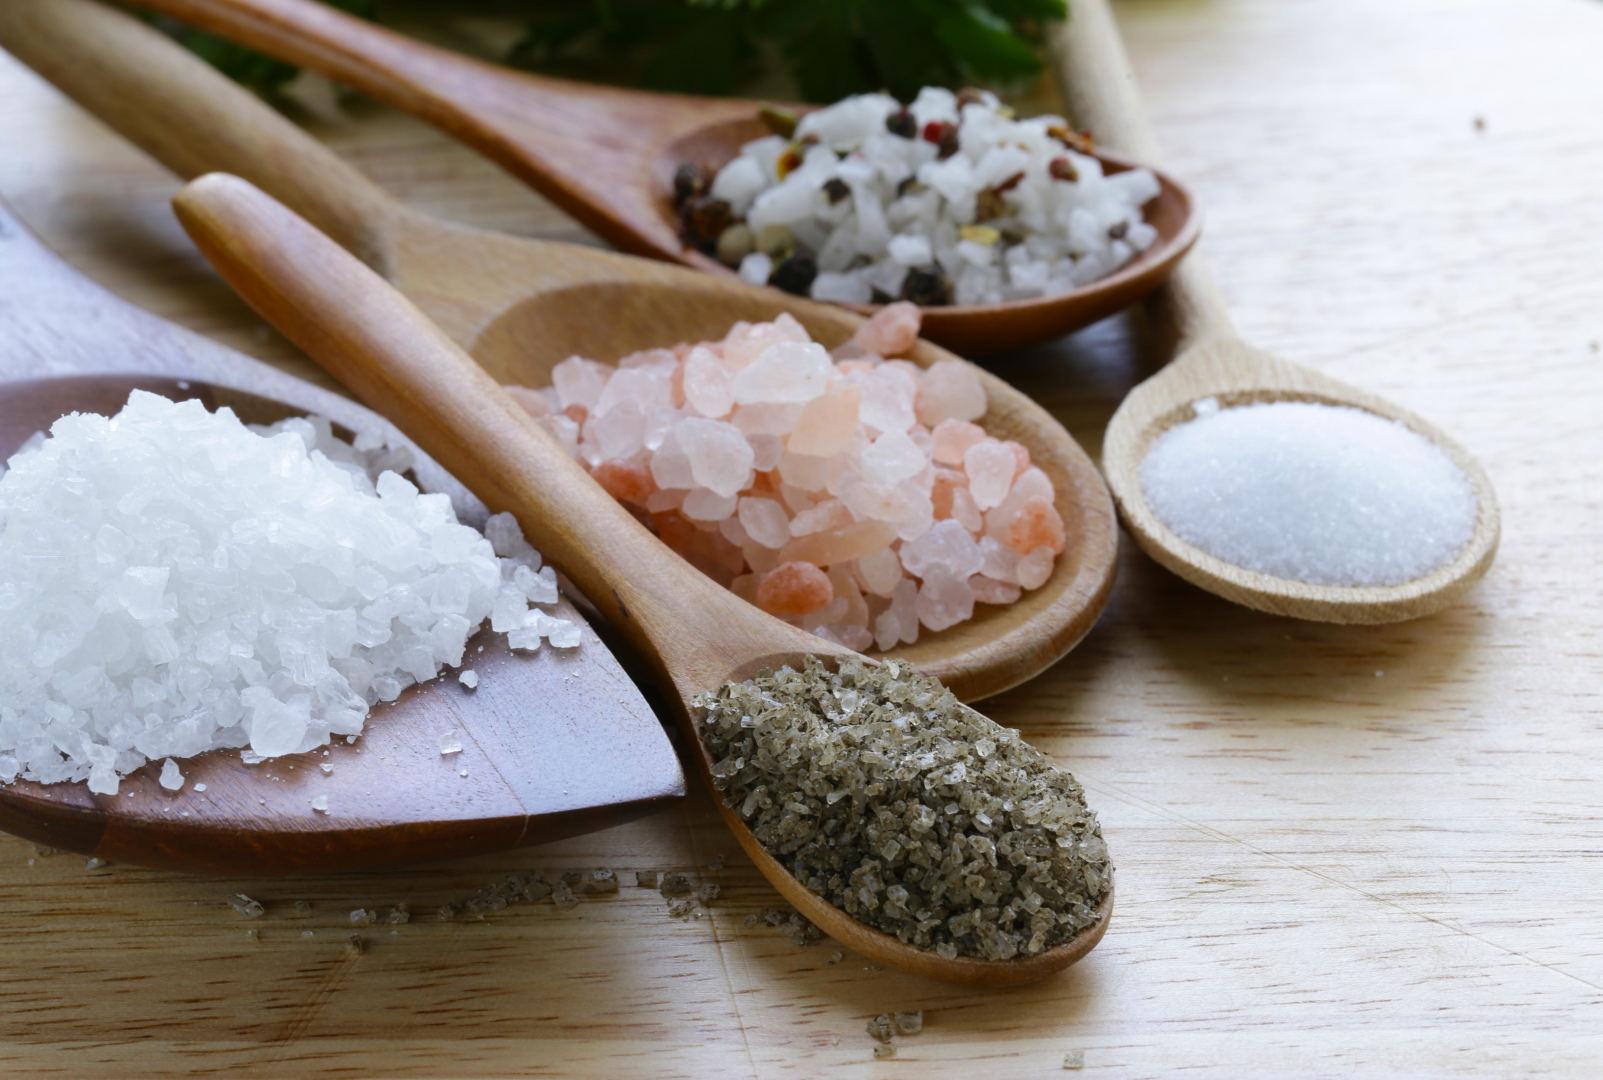 Druska: pagiriamųjų žodžių ir liaudies receptai sveikatos bei grožio srityse | taksi-ag.lt